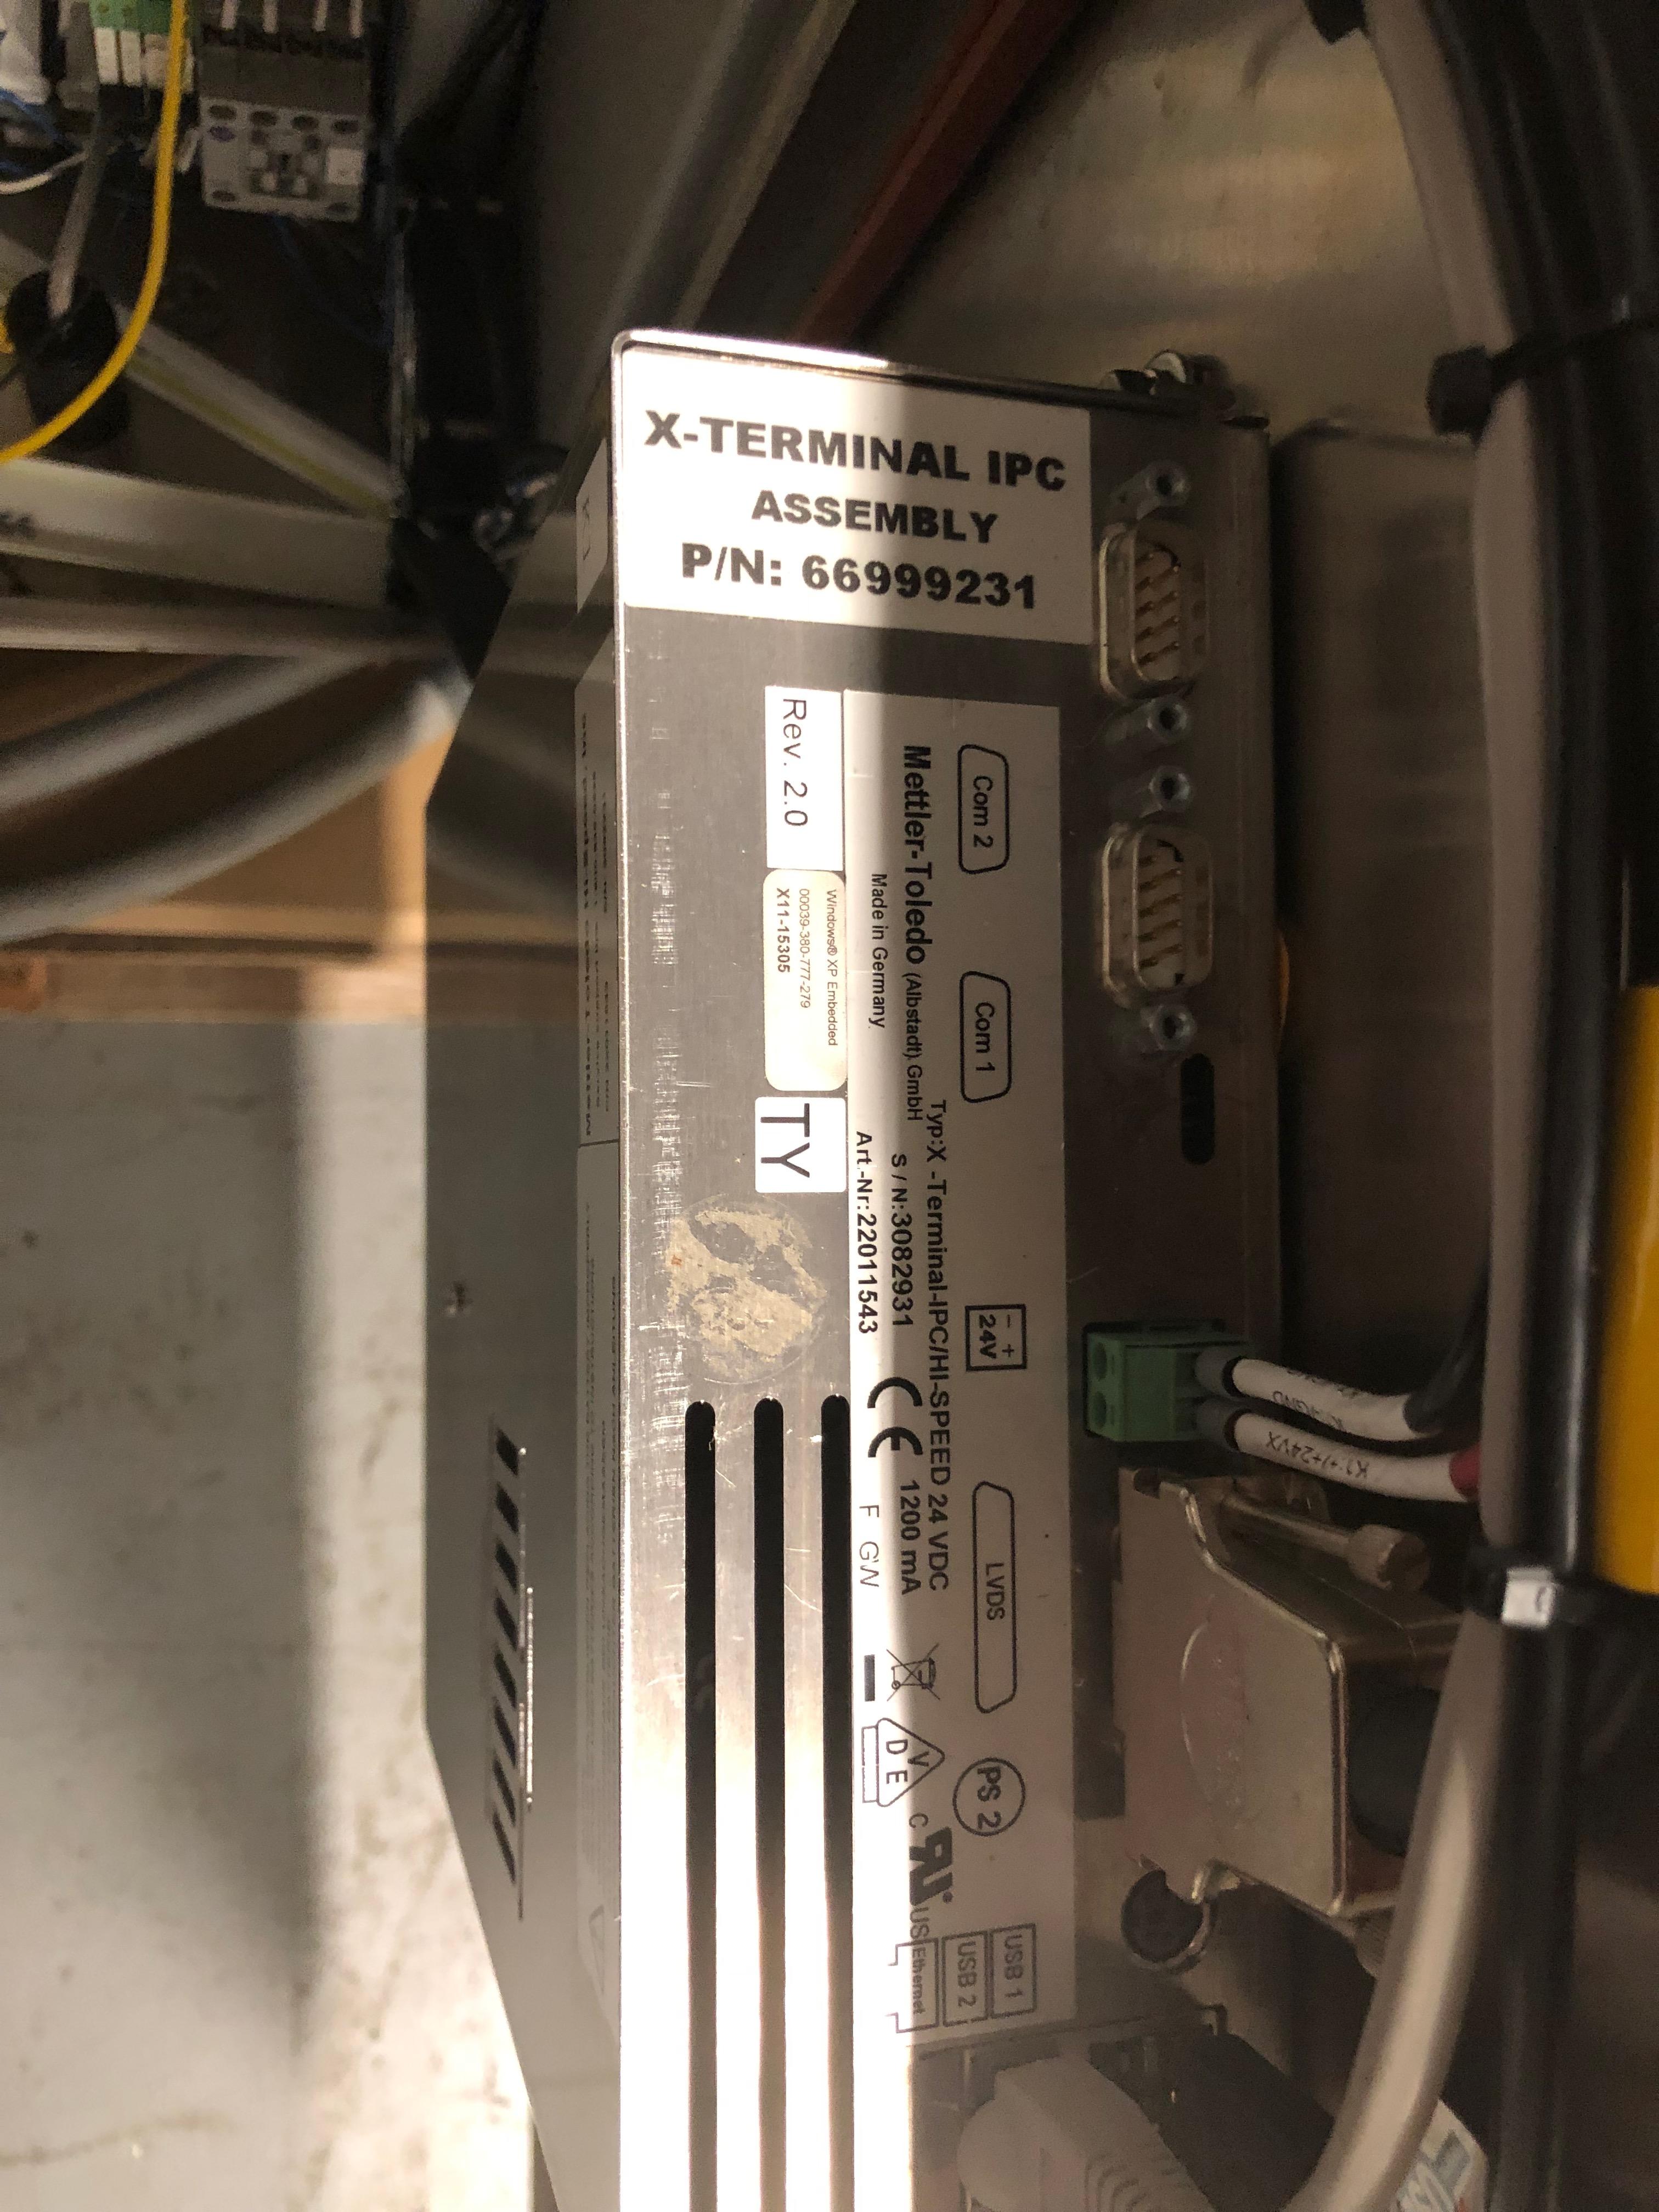 Lot 13 - Mettler Toledo Hi-Speed Check Weigher, Model XS, S/N 09021611